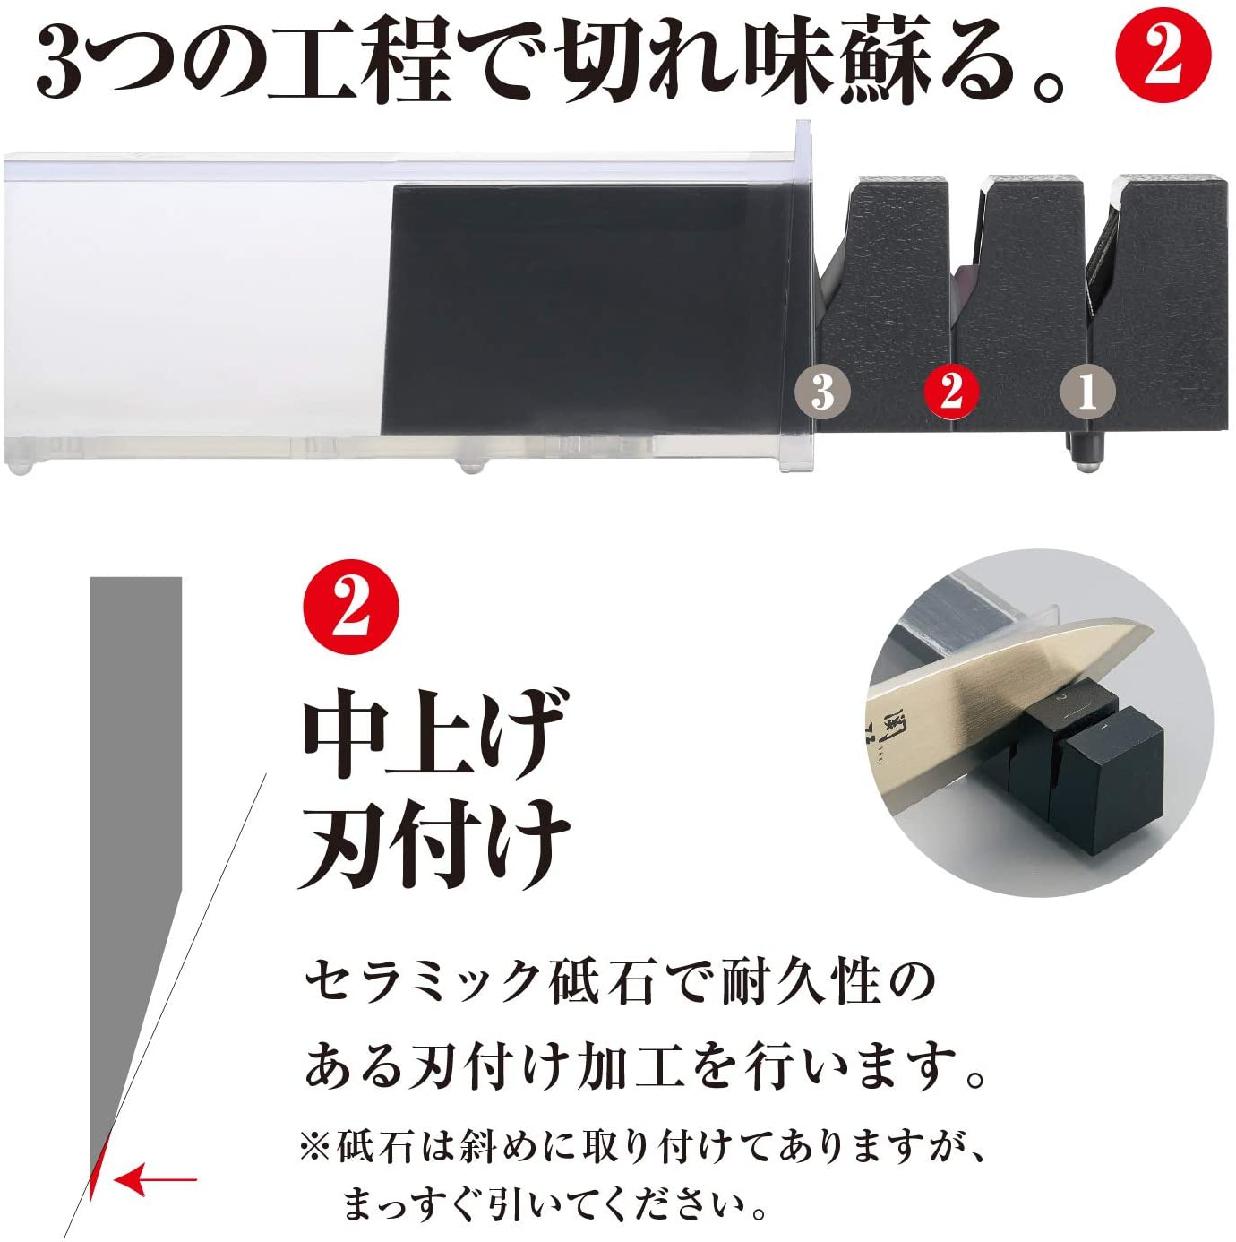 関孫六(セキノマゴロク)ダイヤモンド&セラミックシャープナー片刃用 AP0162の商品画像4